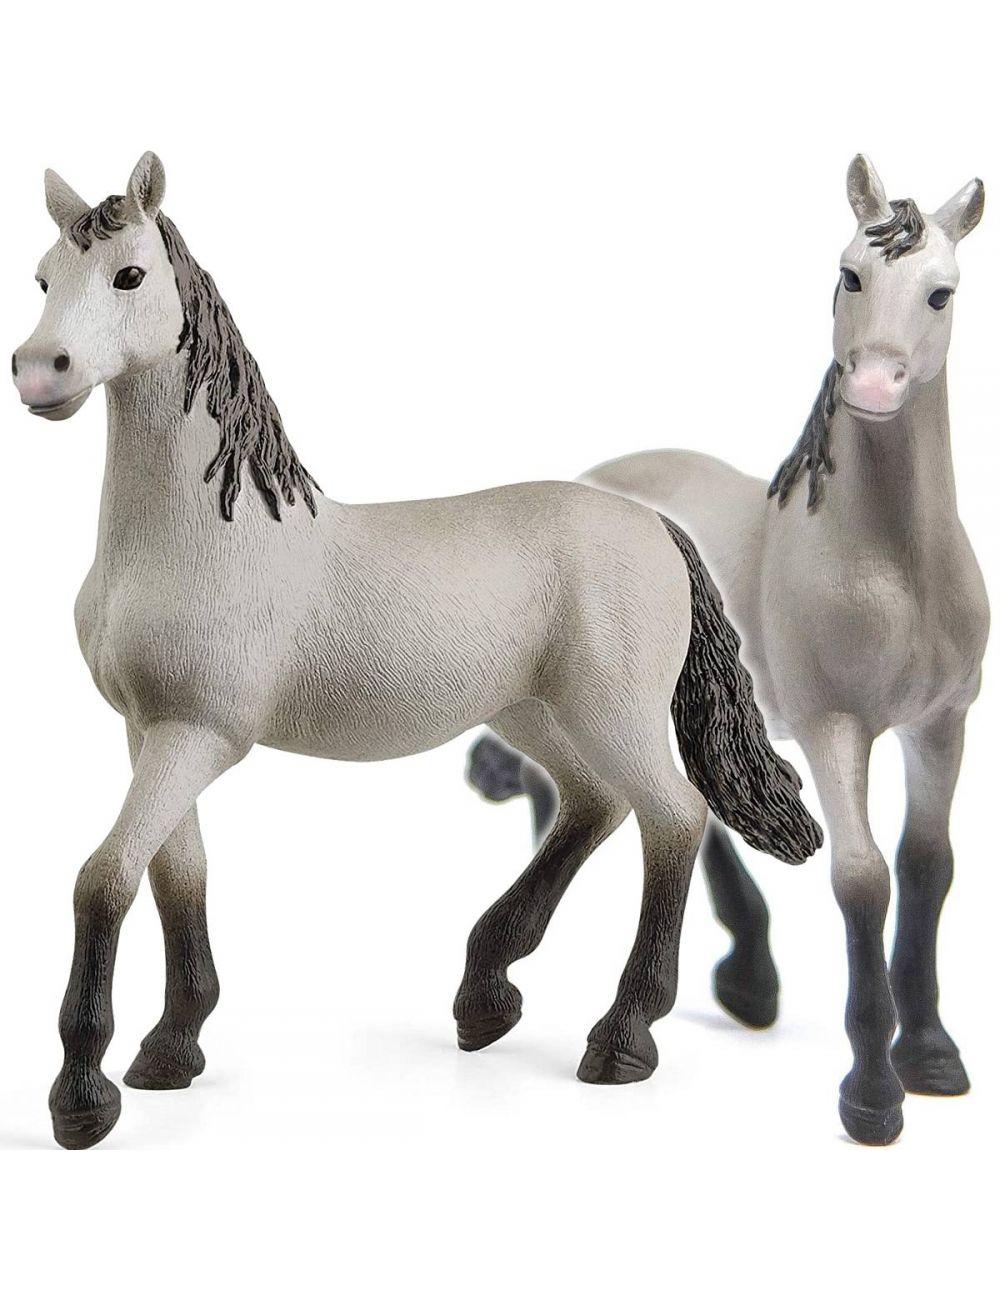 Schleich 13924 Hiszpański Koń Rasy Pura Raza Española Horse Club